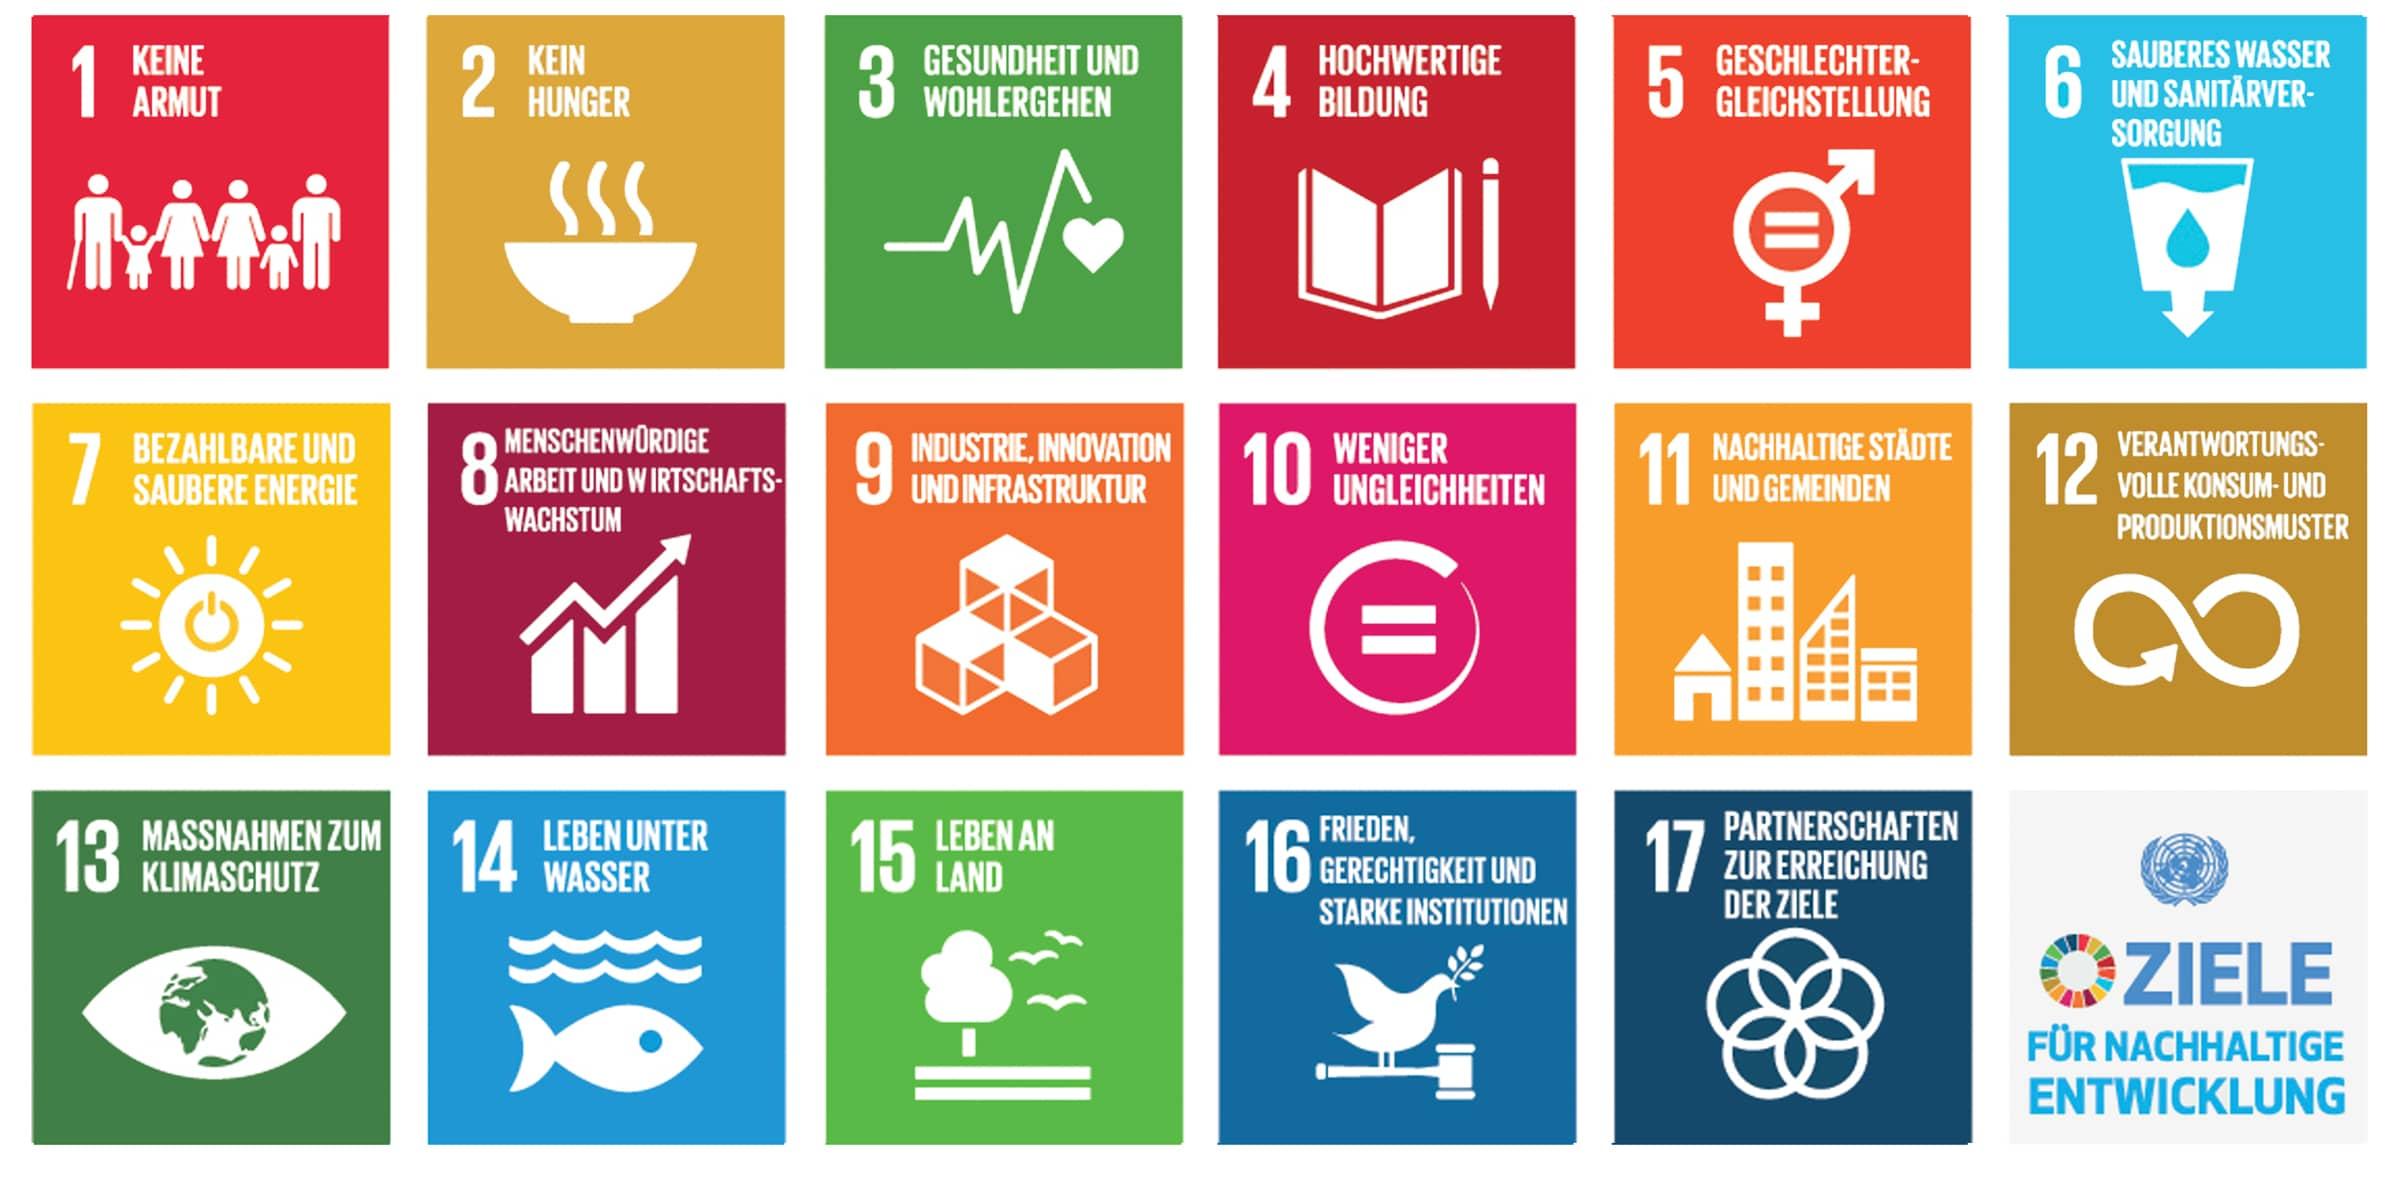 SDG_deutsch_farbkorrigiert_klein